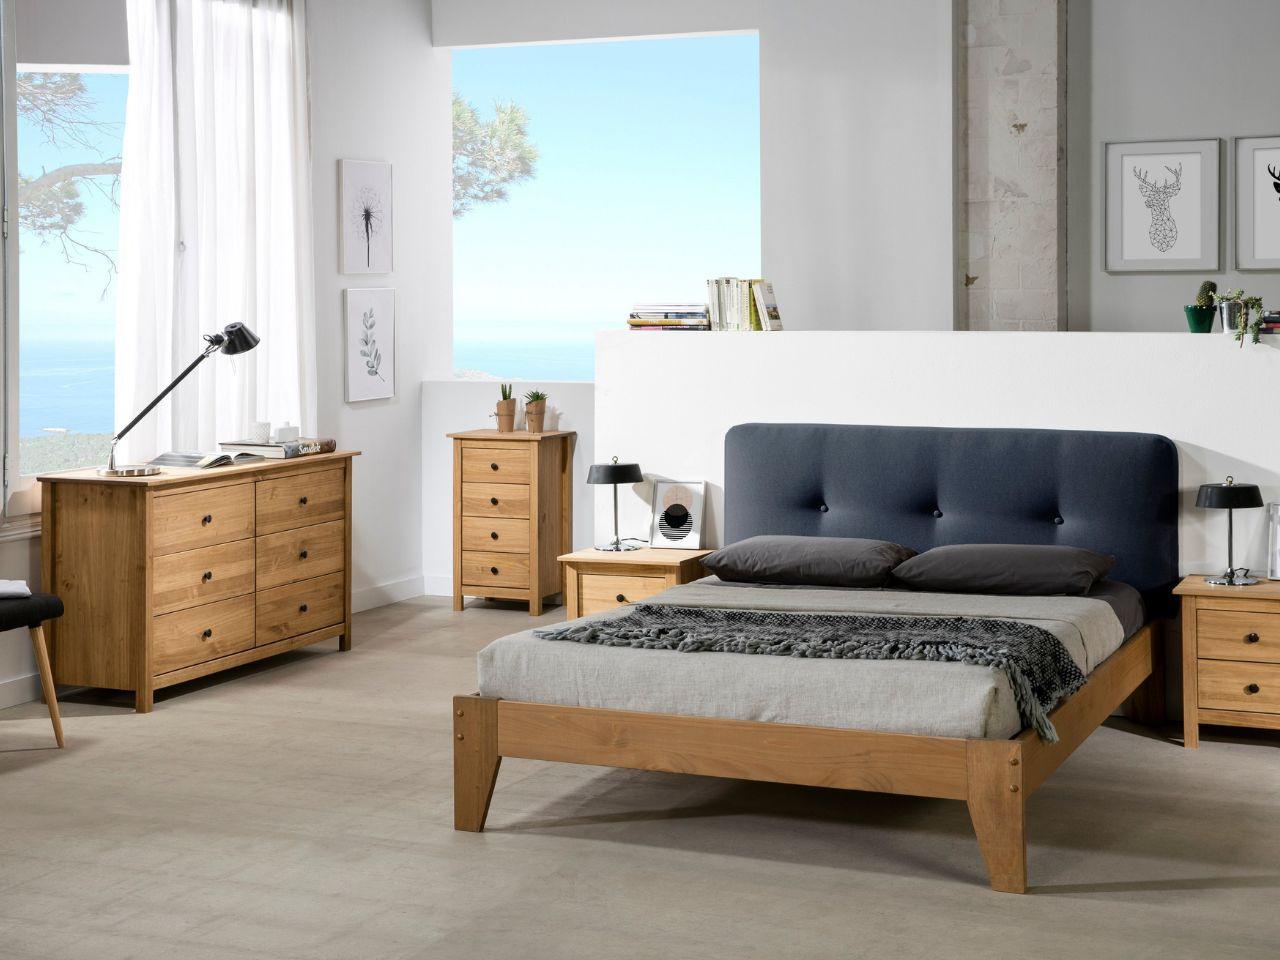 camas de matrimonio, camas baratas y camas modernas - dicoro